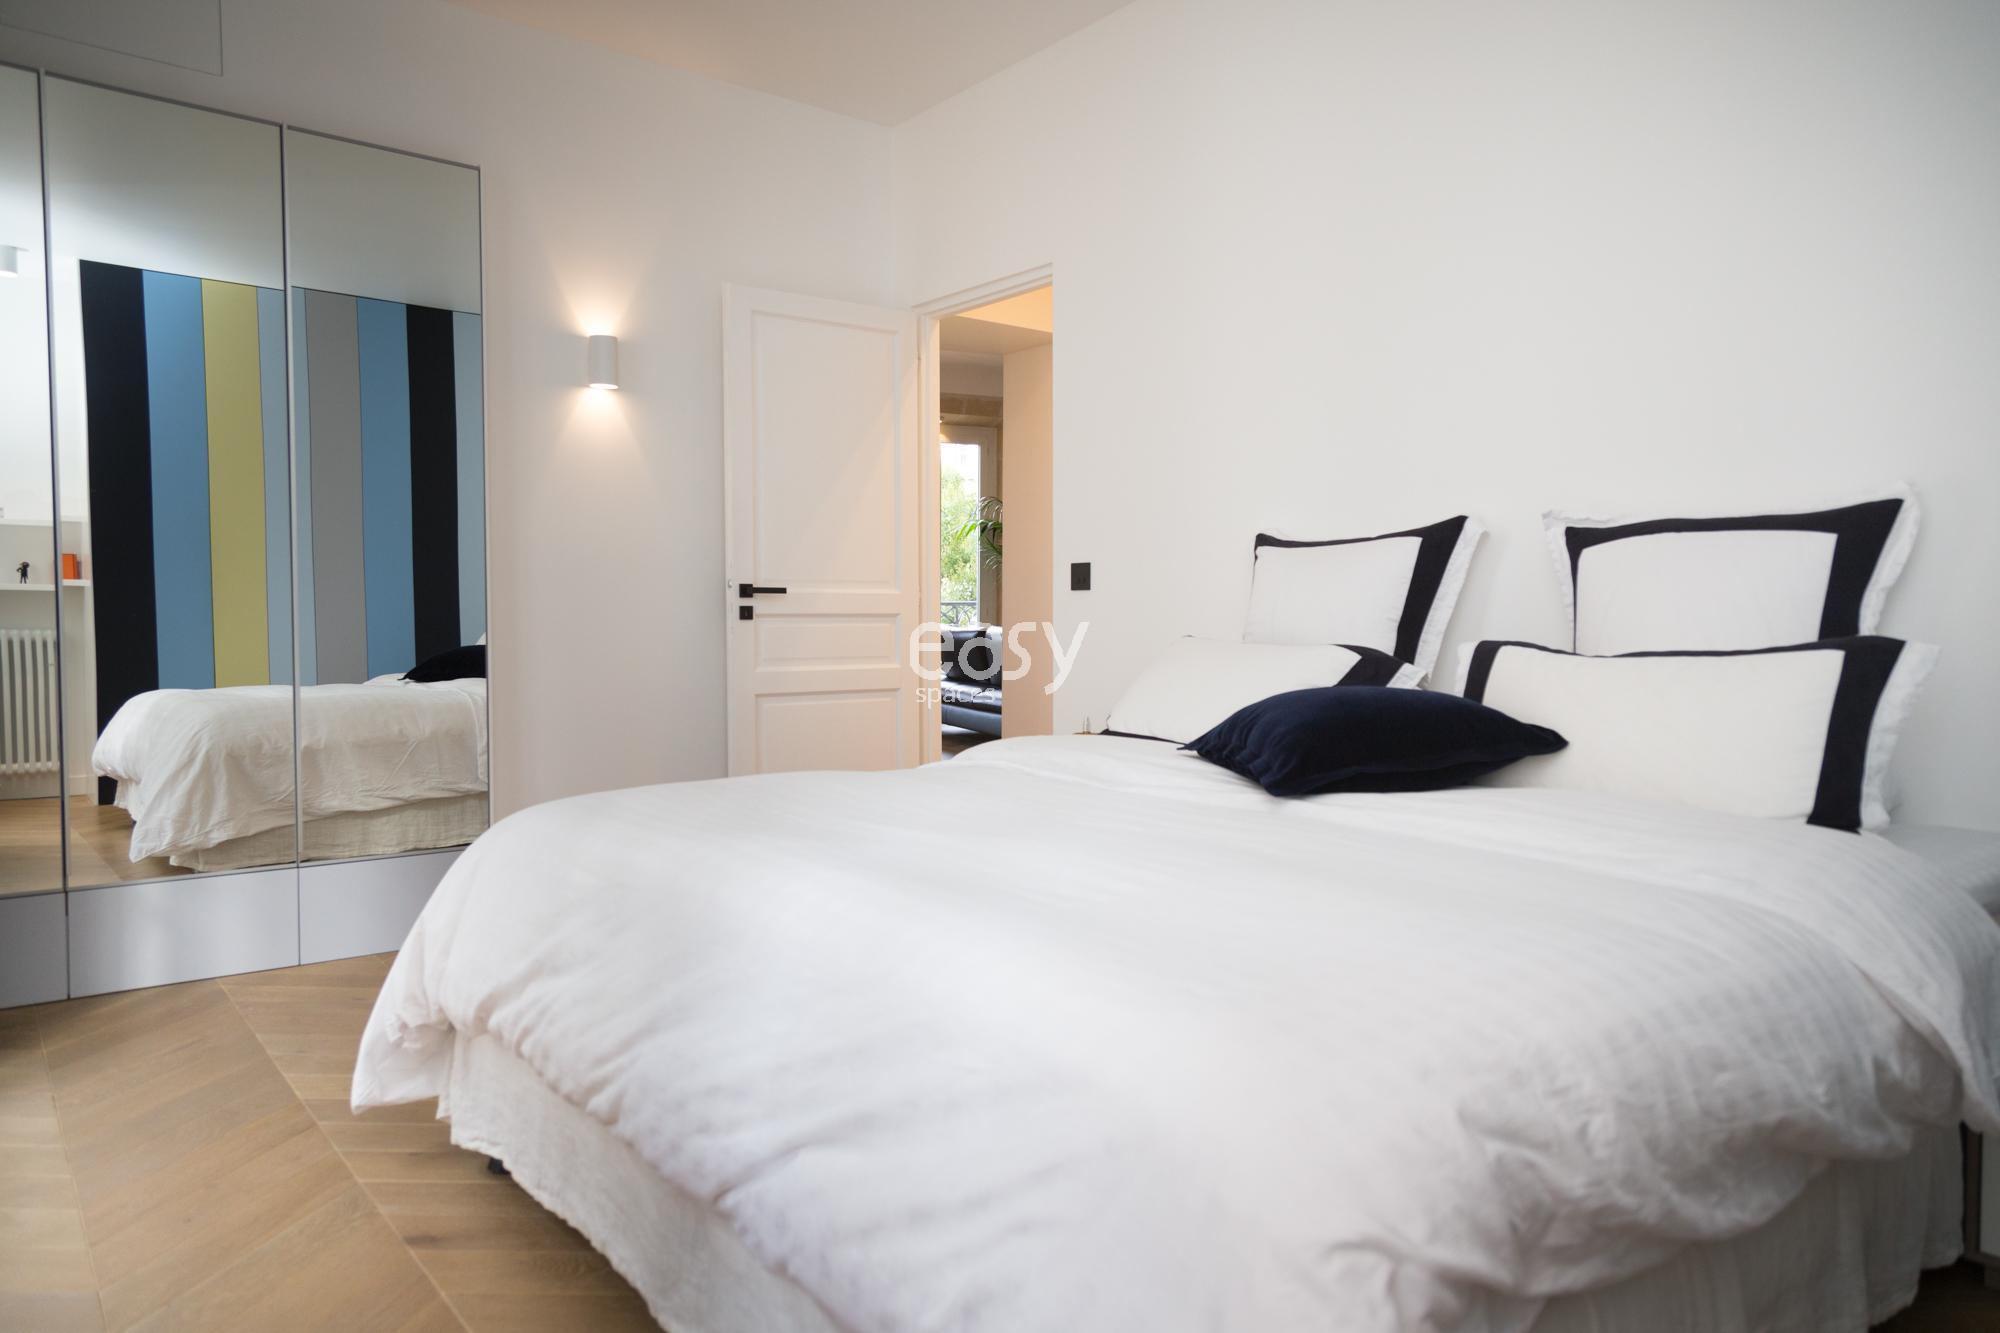 Louer un appartement priv pour shooting tournage v nementiel paris lieux lieu louer pour for Louer son appartement